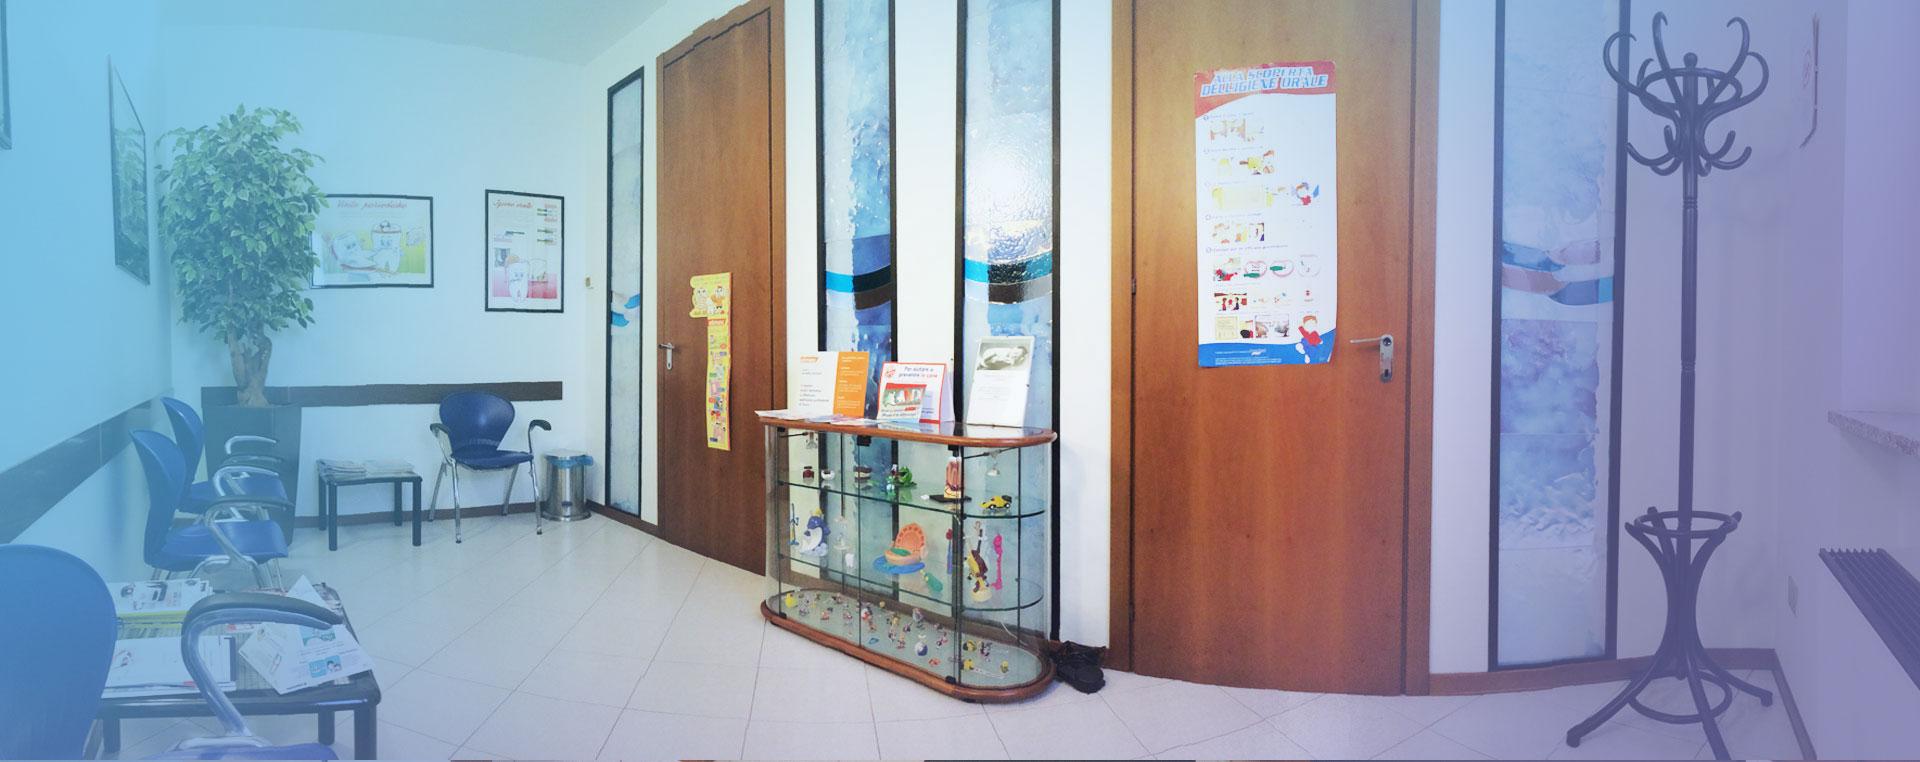 attesa-studio-dentistico-mauro-pini1